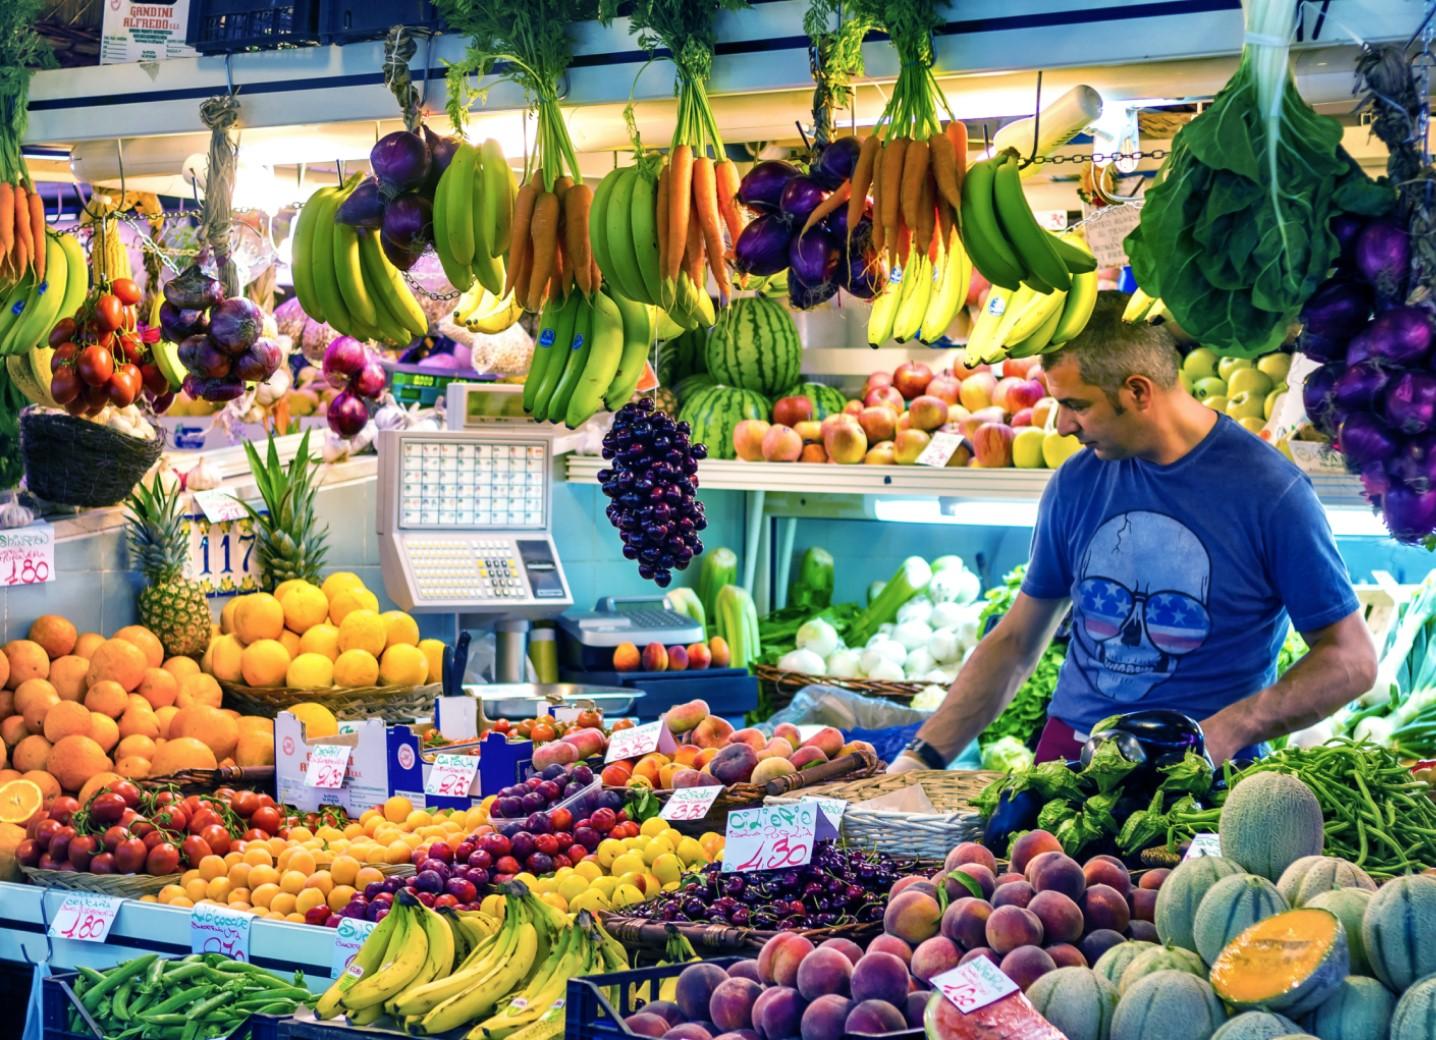 mercato_1436_1040